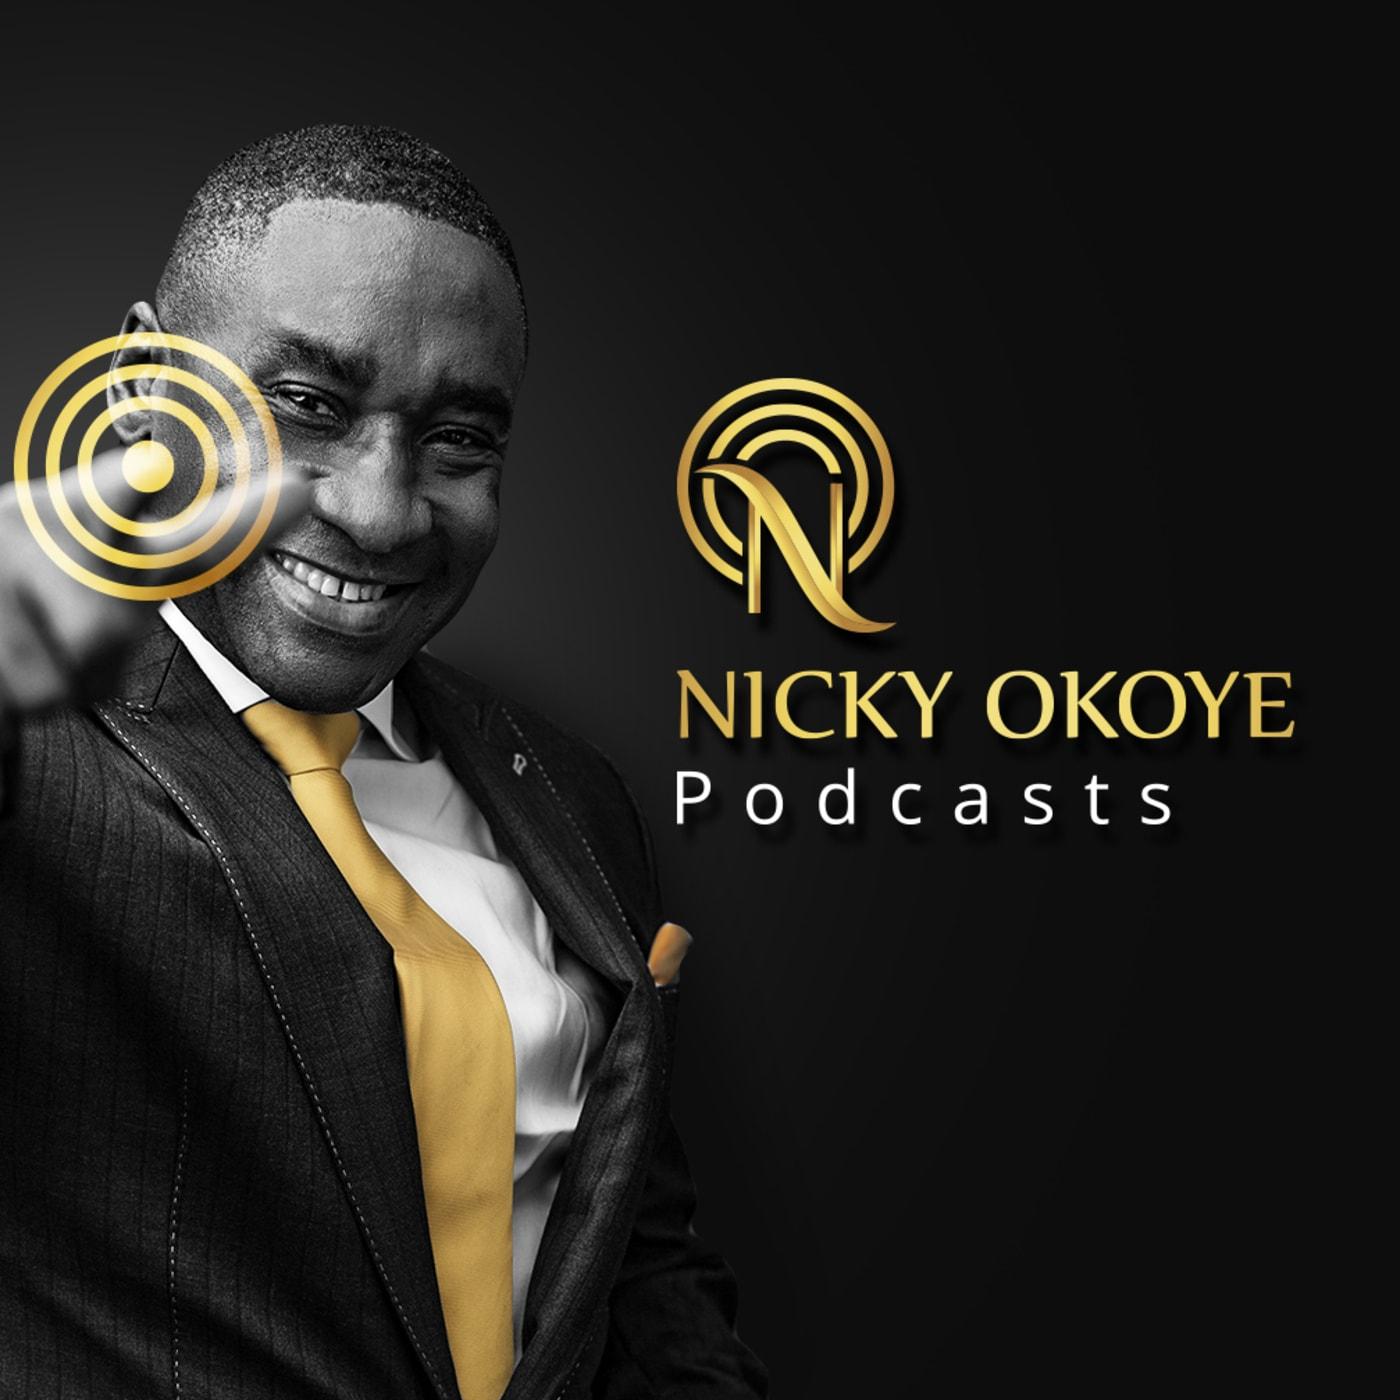 Nicky Okoye Podcasts show art